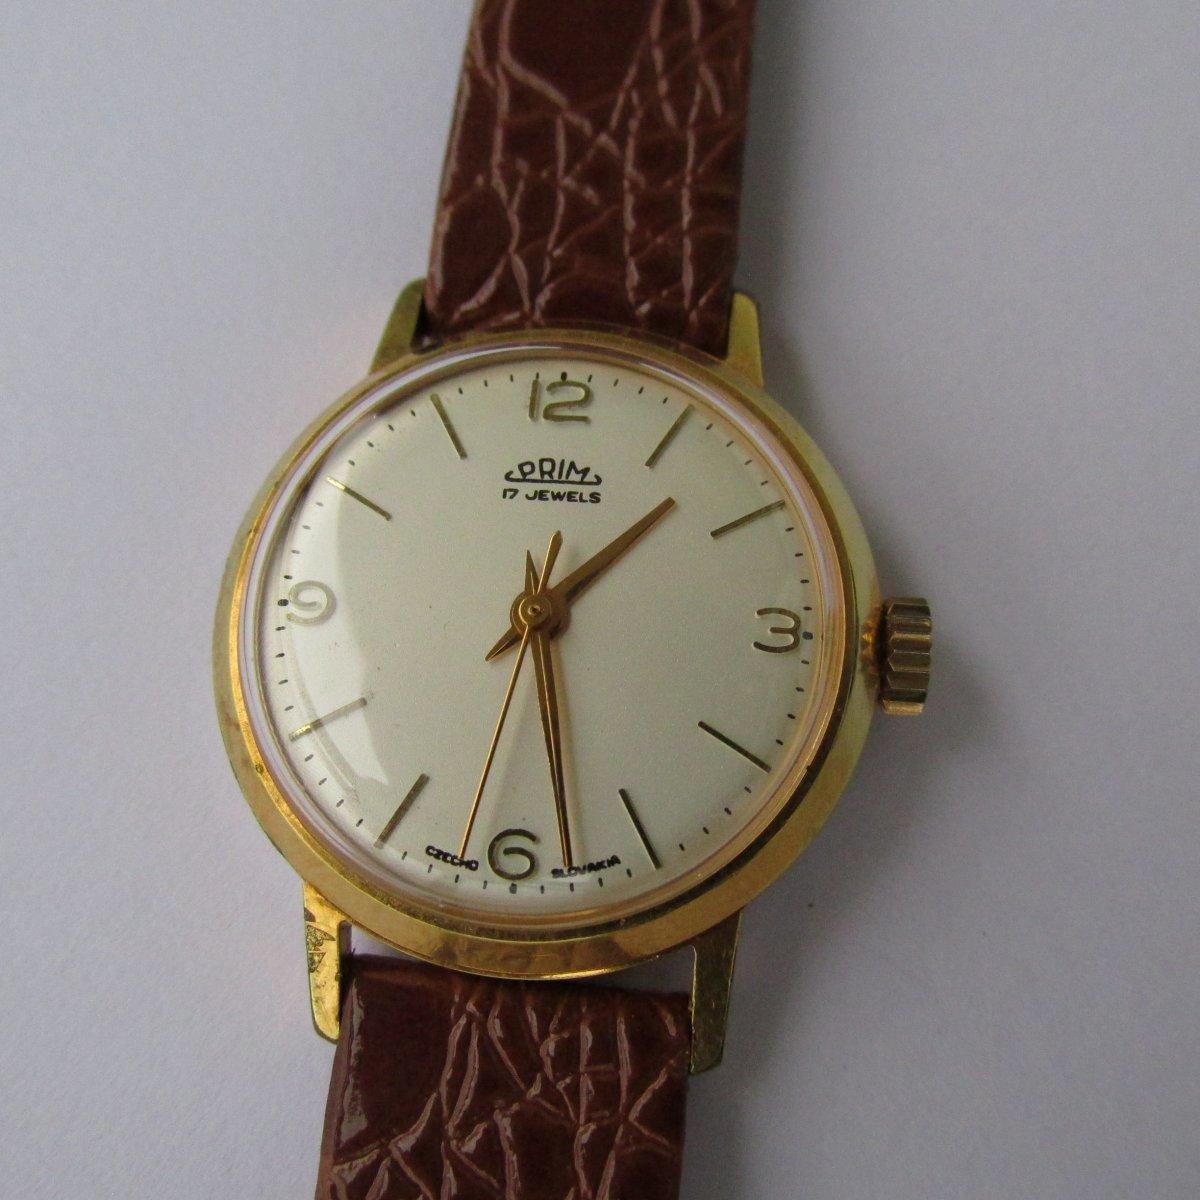 5104ad69d Hodinky Prim, zlacené pouzdro, dámské, z roku 1967 – Potvor ...